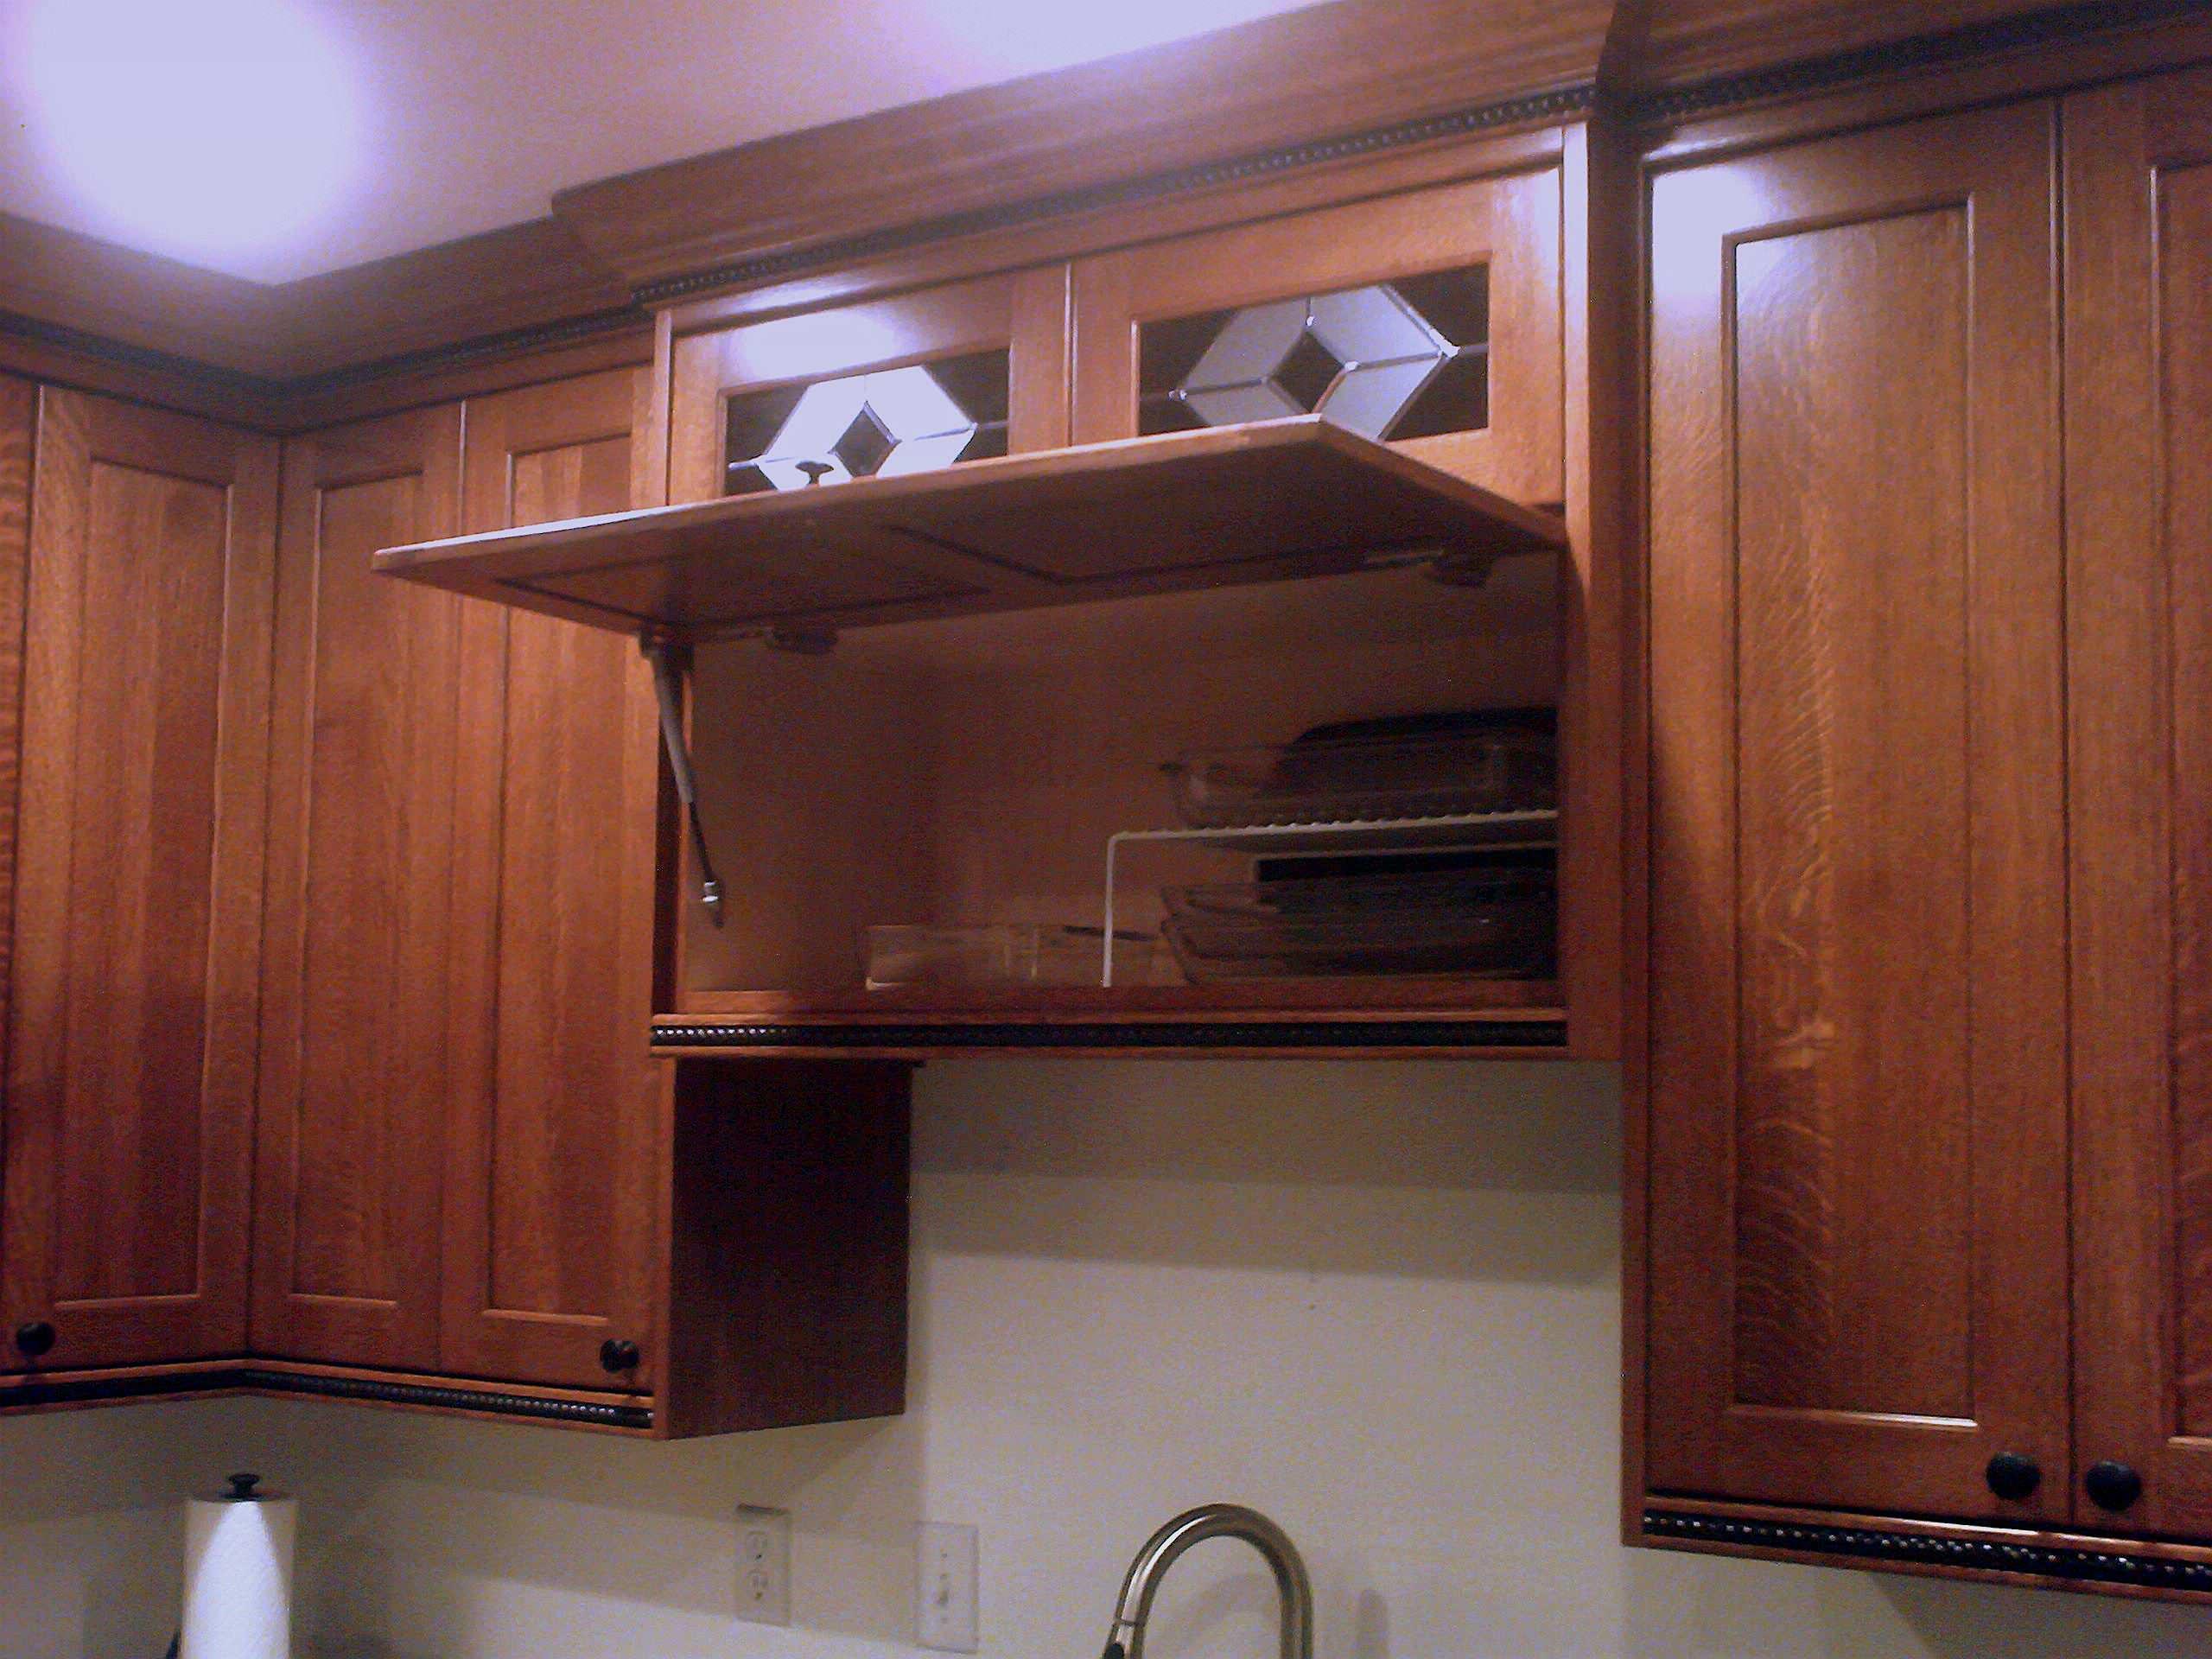 Quarter sawn White Oak kitchen